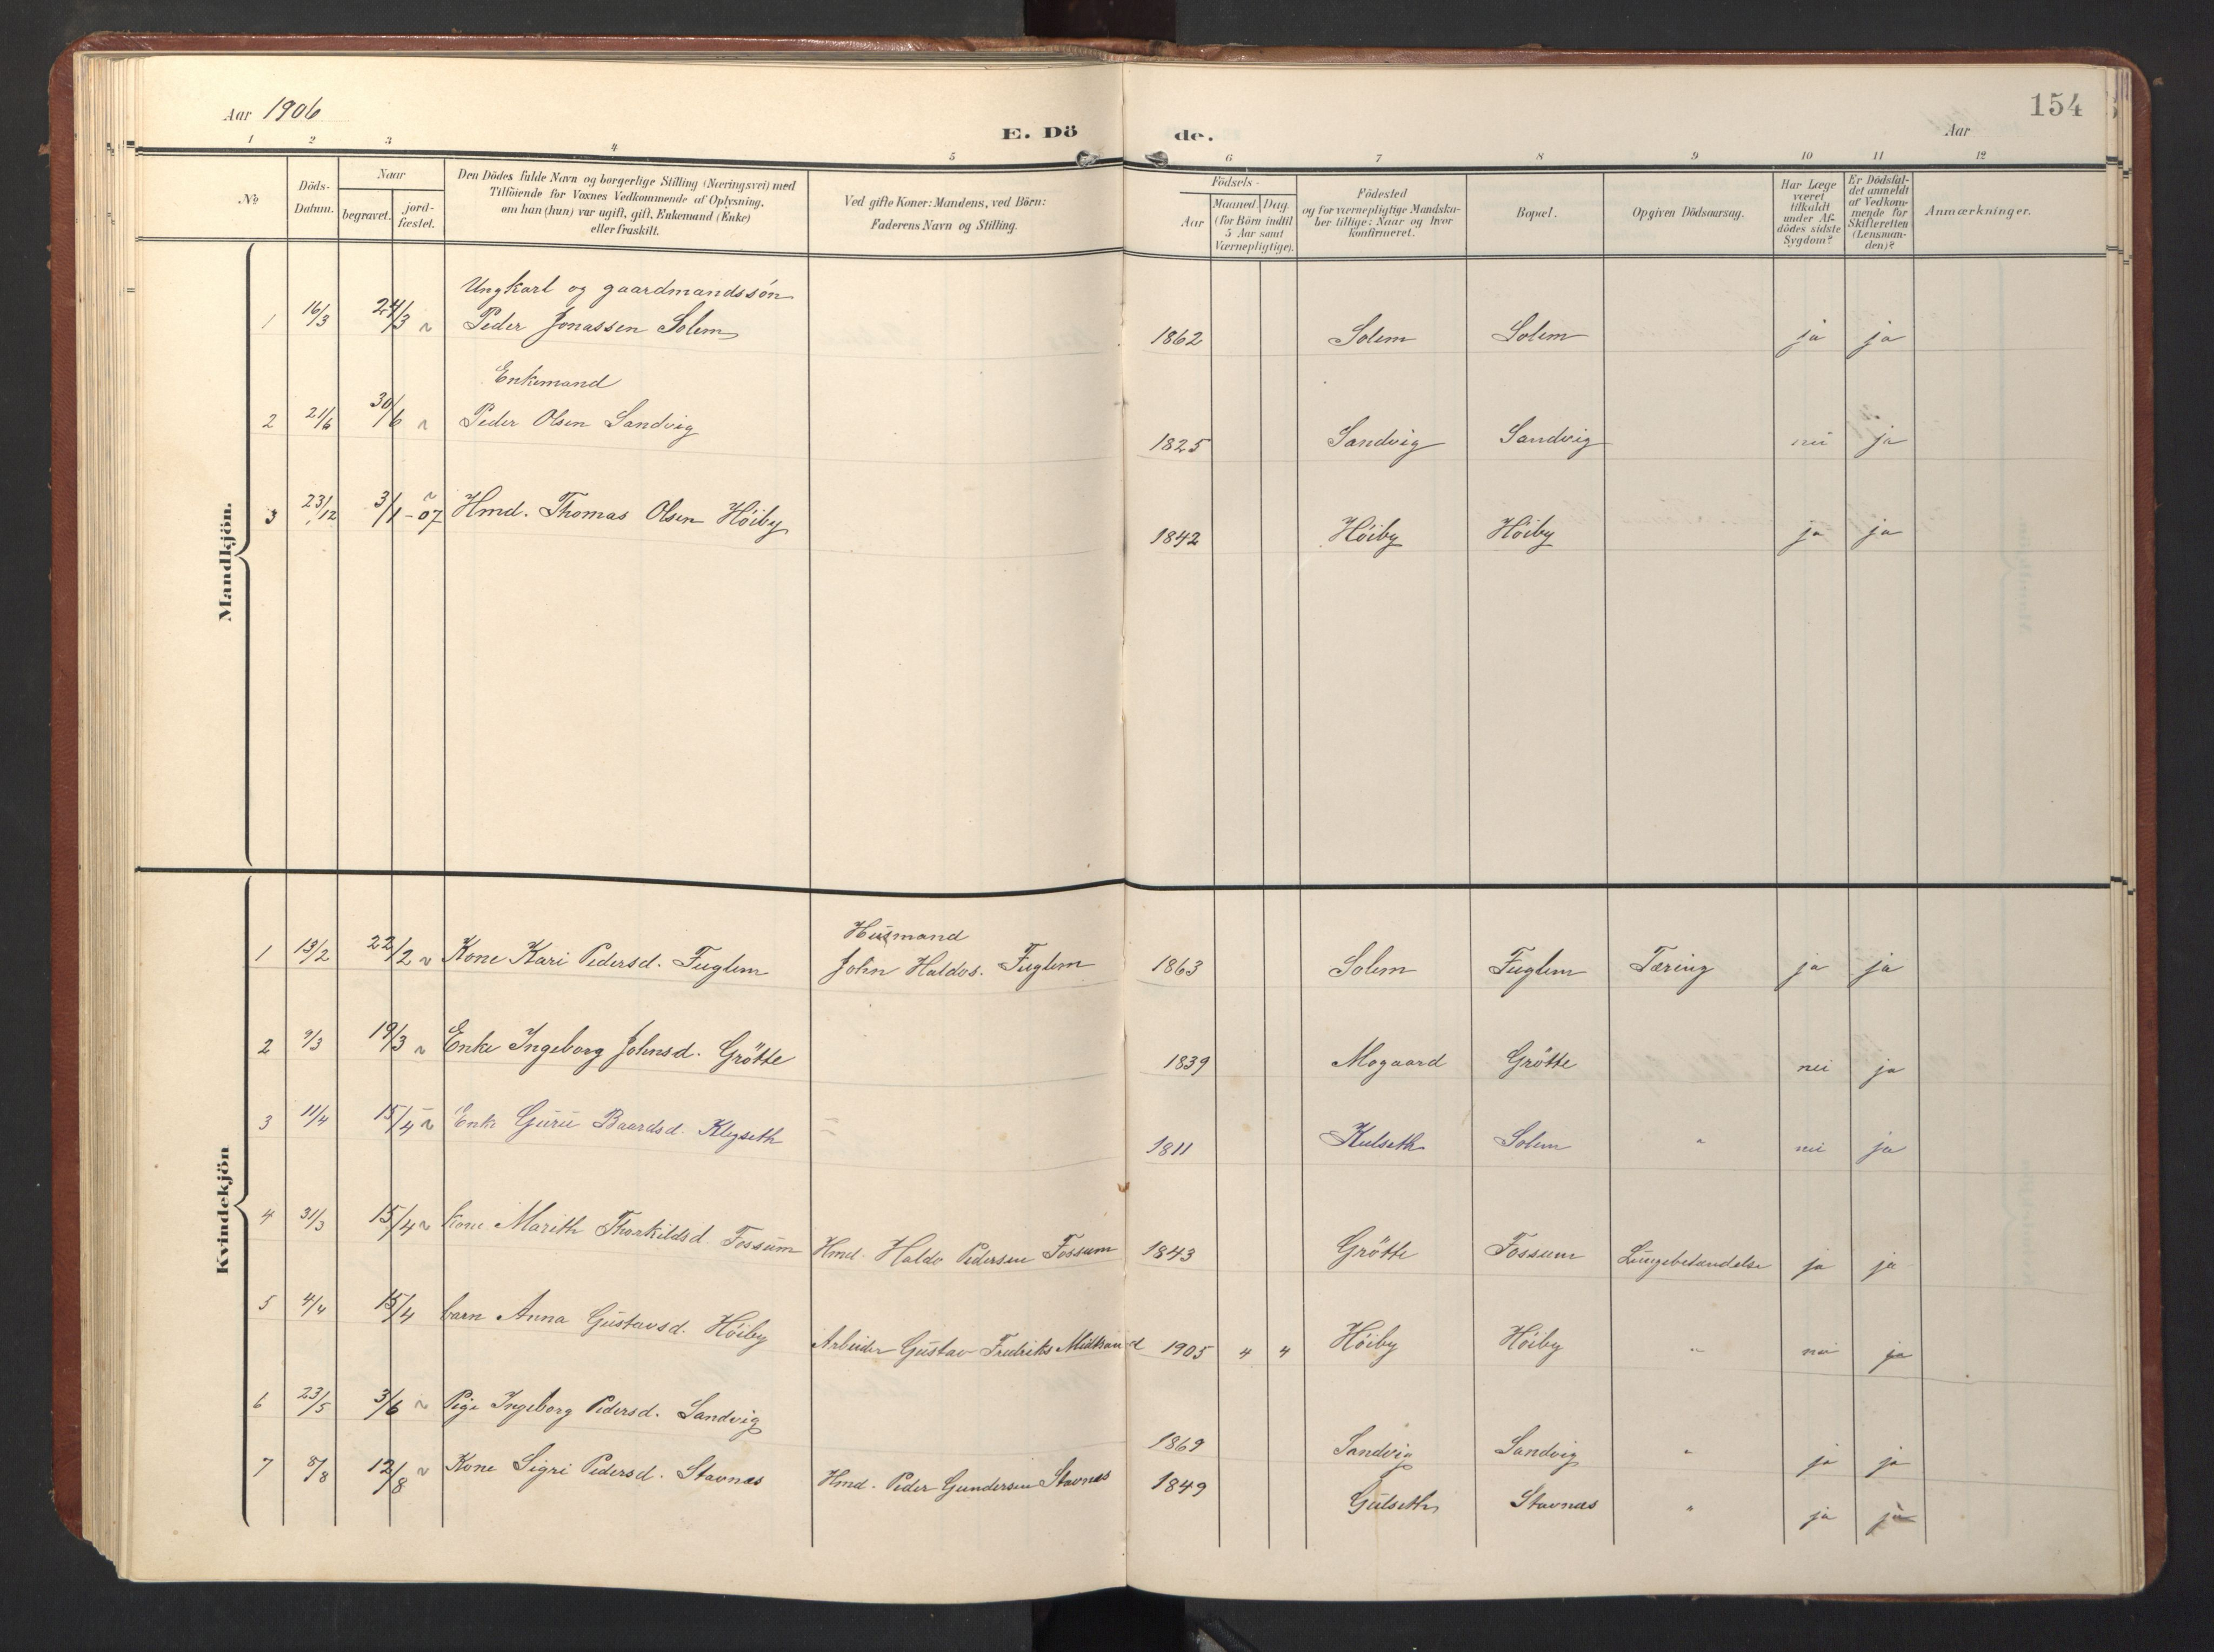 SAT, Ministerialprotokoller, klokkerbøker og fødselsregistre - Sør-Trøndelag, 696/L1161: Klokkerbok nr. 696C01, 1902-1950, s. 154